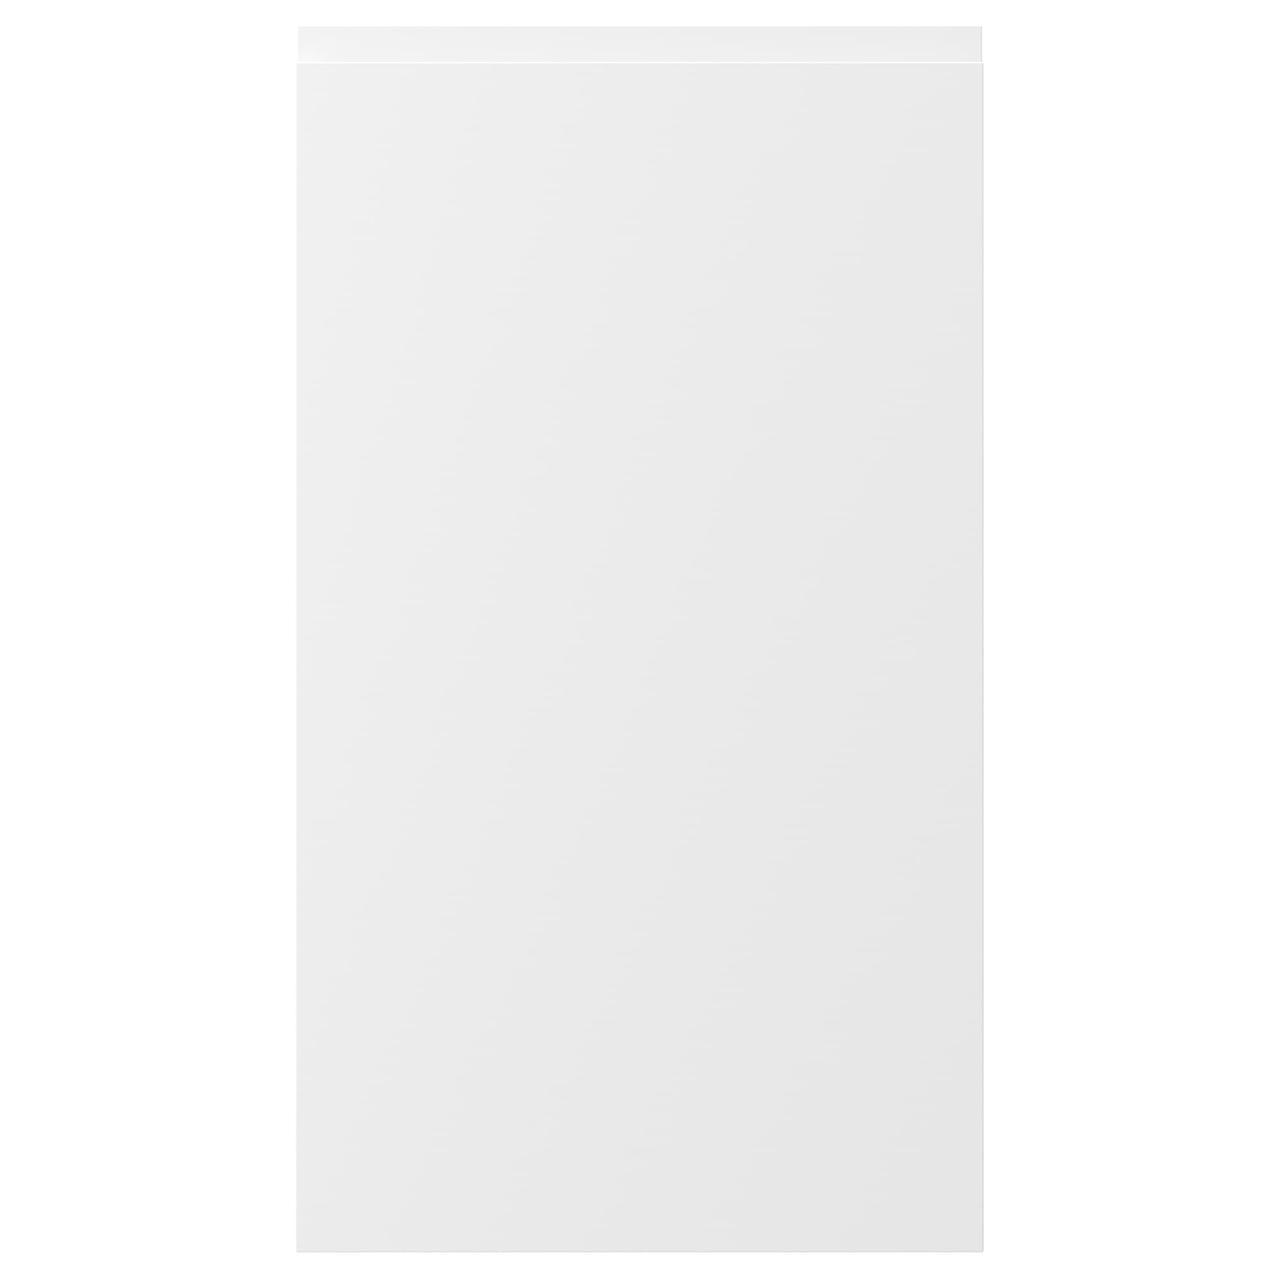 ВОКСТОРП Фронт панель для посудом машины, матовый белый белый